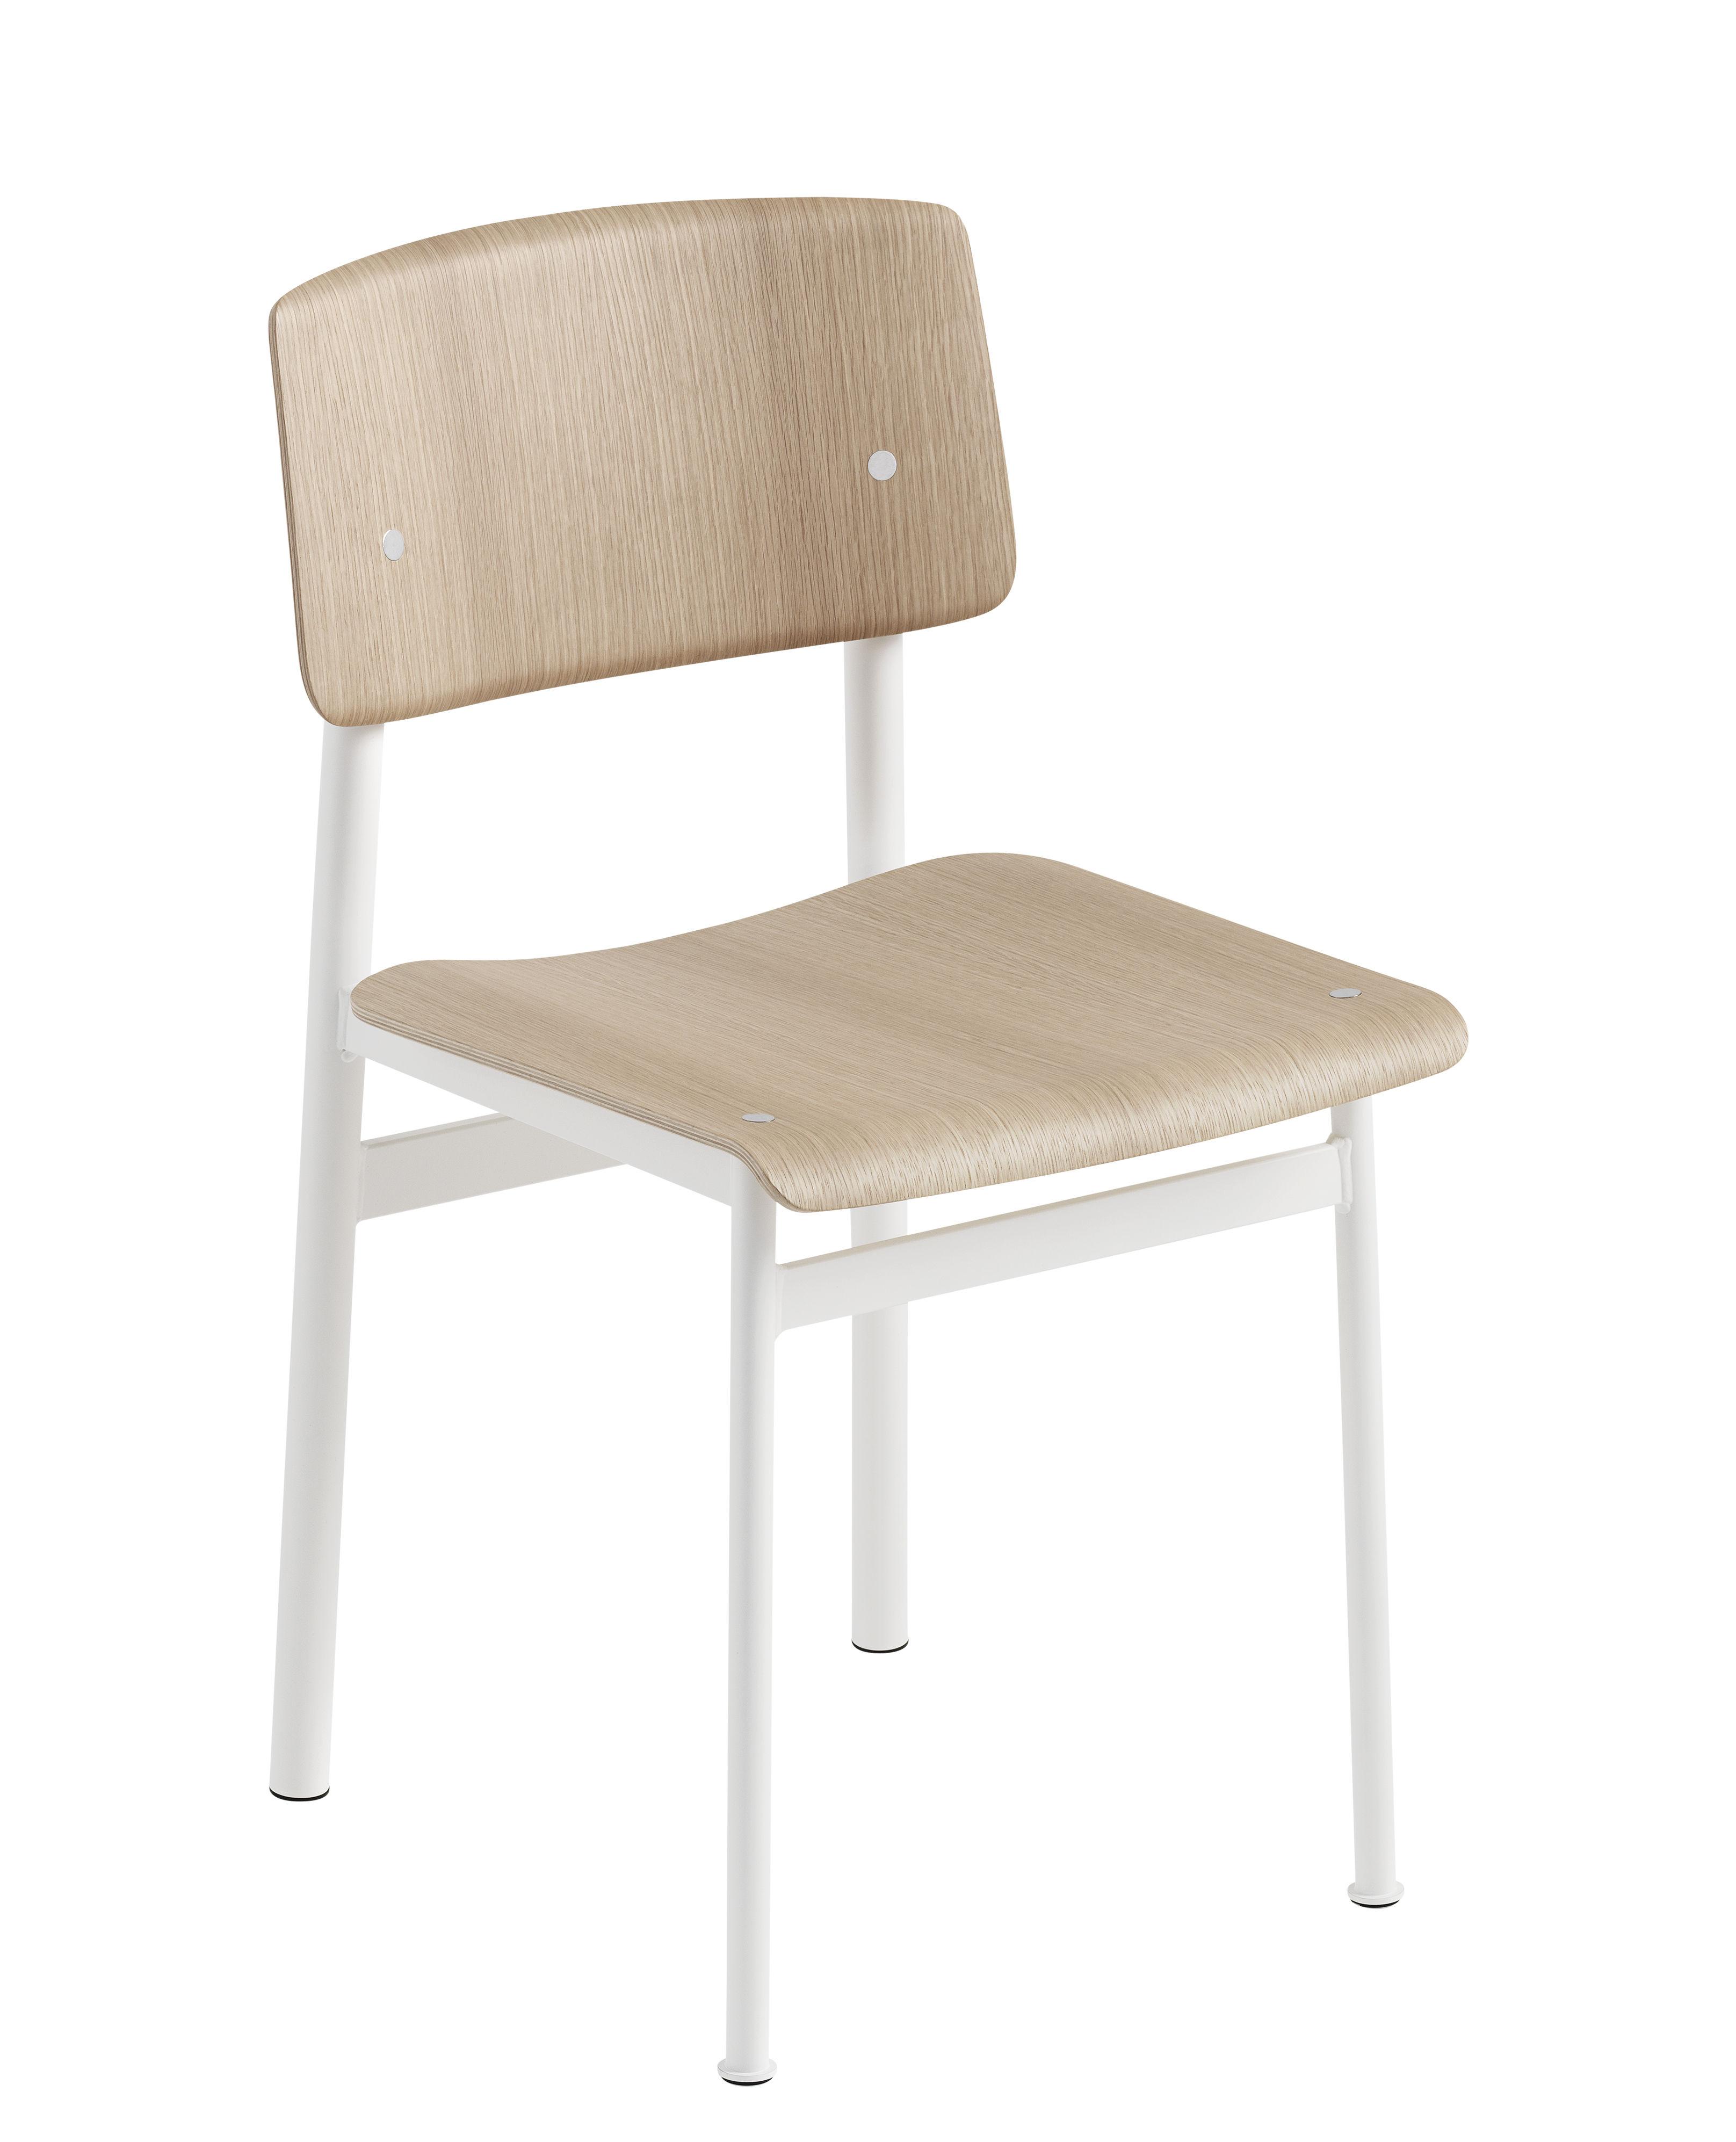 Chaise loft bois m tal blanc ch ne muuto for Chaise metal blanc